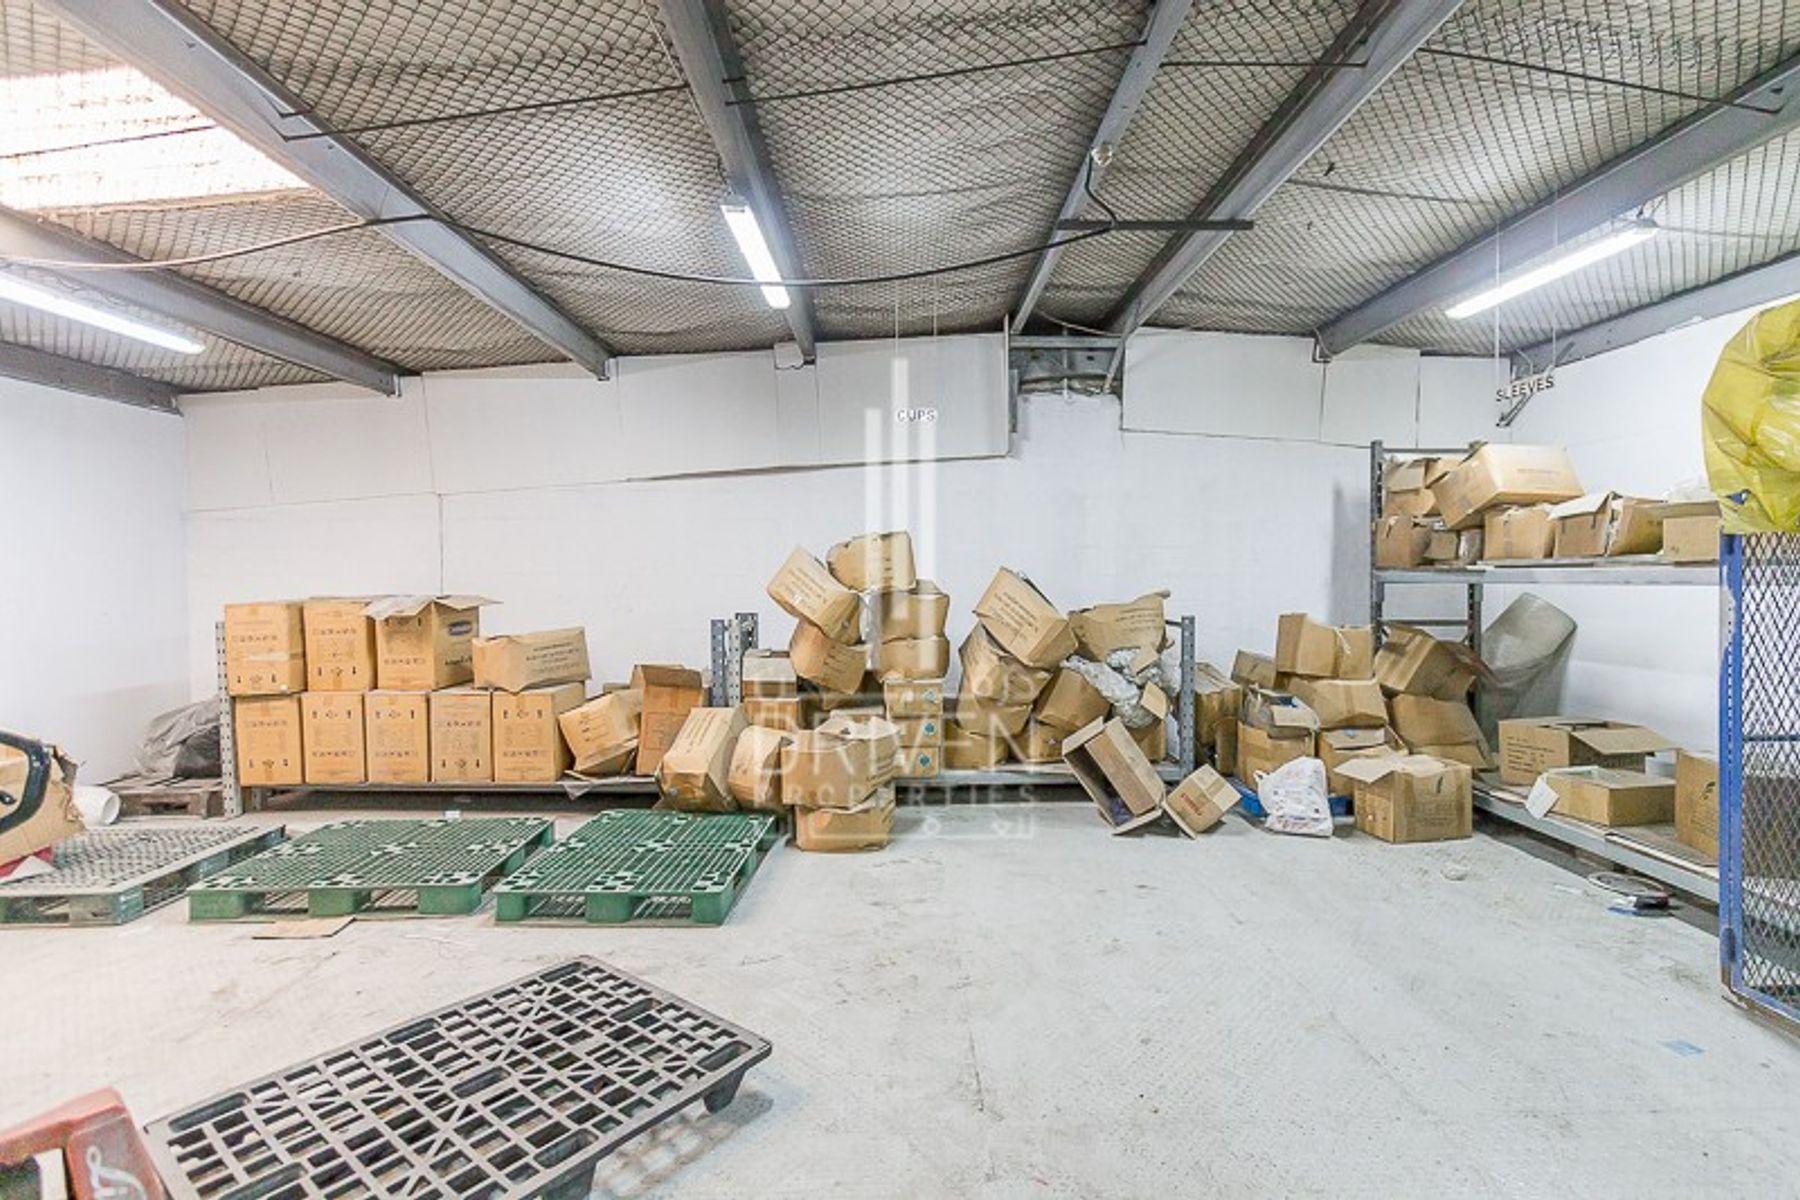 للبيع - مستودع - القوز الصناعية 1 - القوز